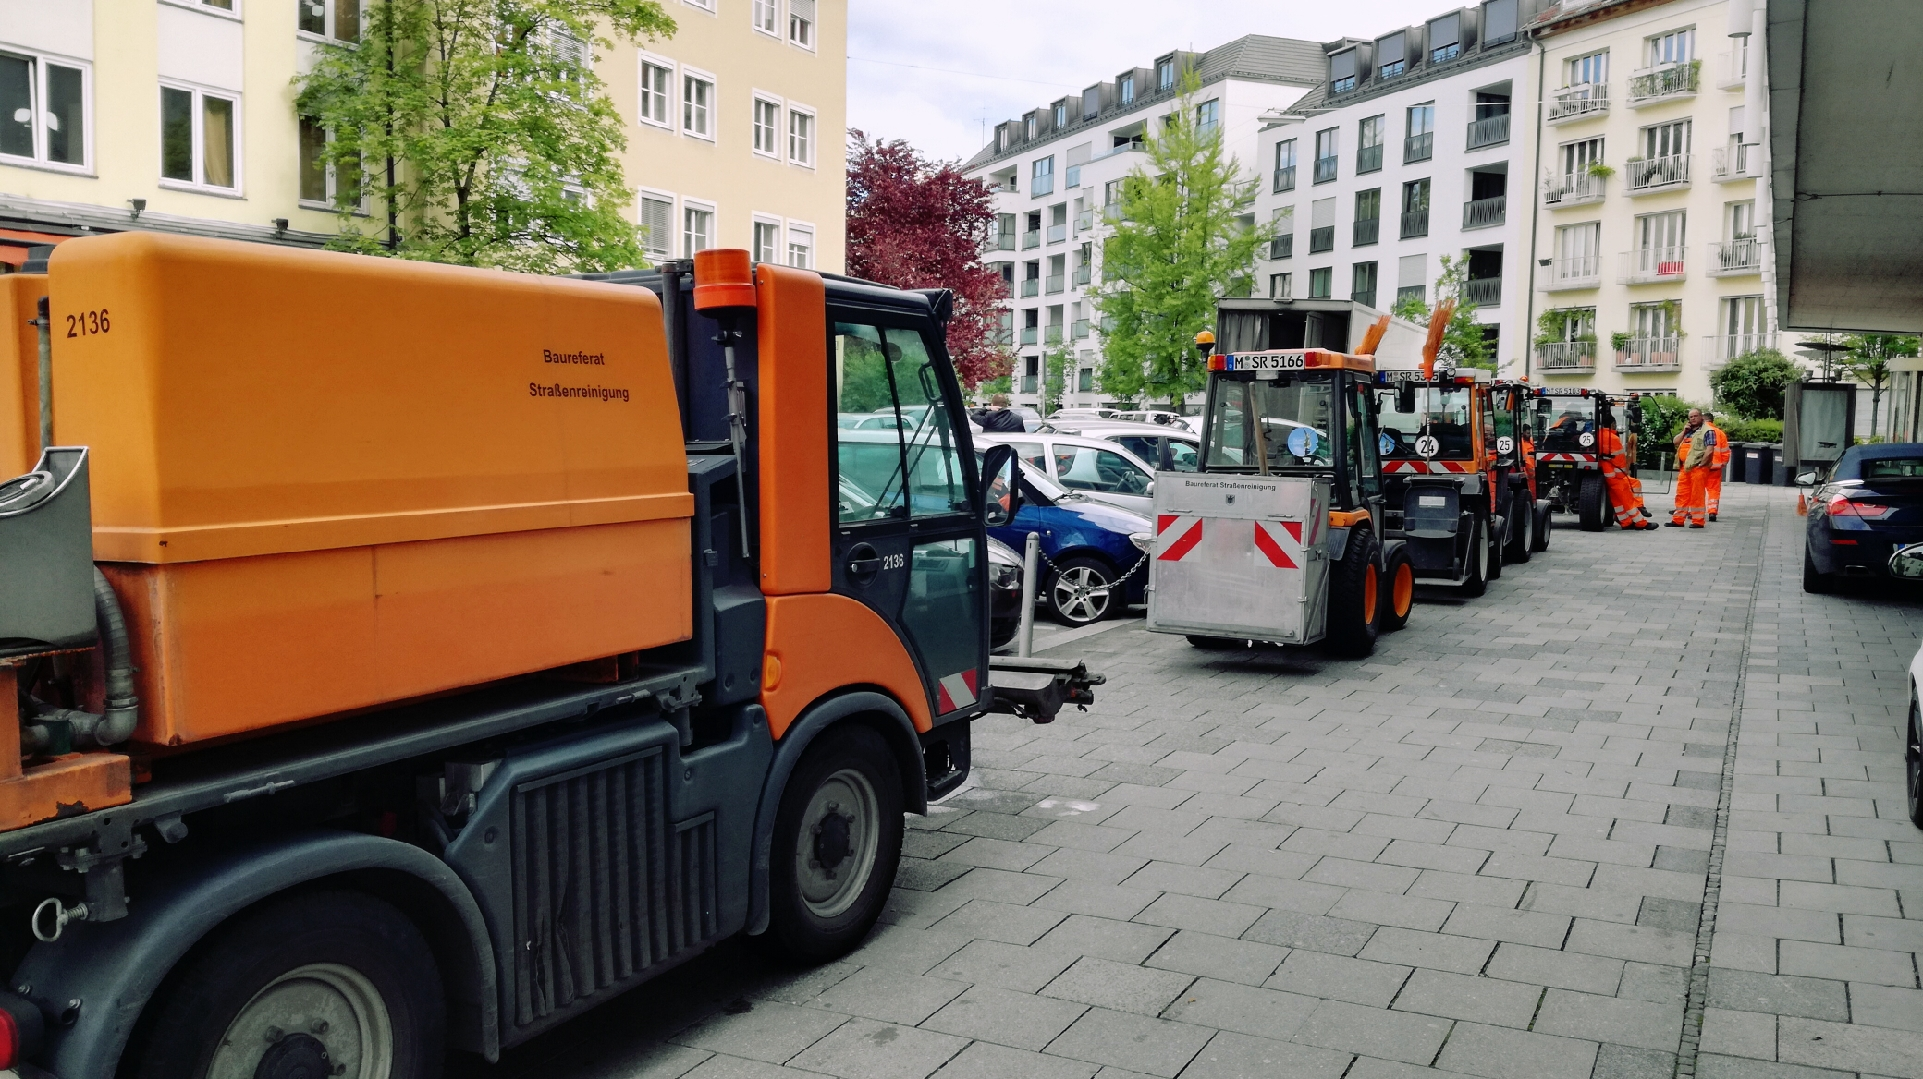 Publicorange bekommt neue Firmenwagen: Geilon! |Johannes Ulrich Gehrke